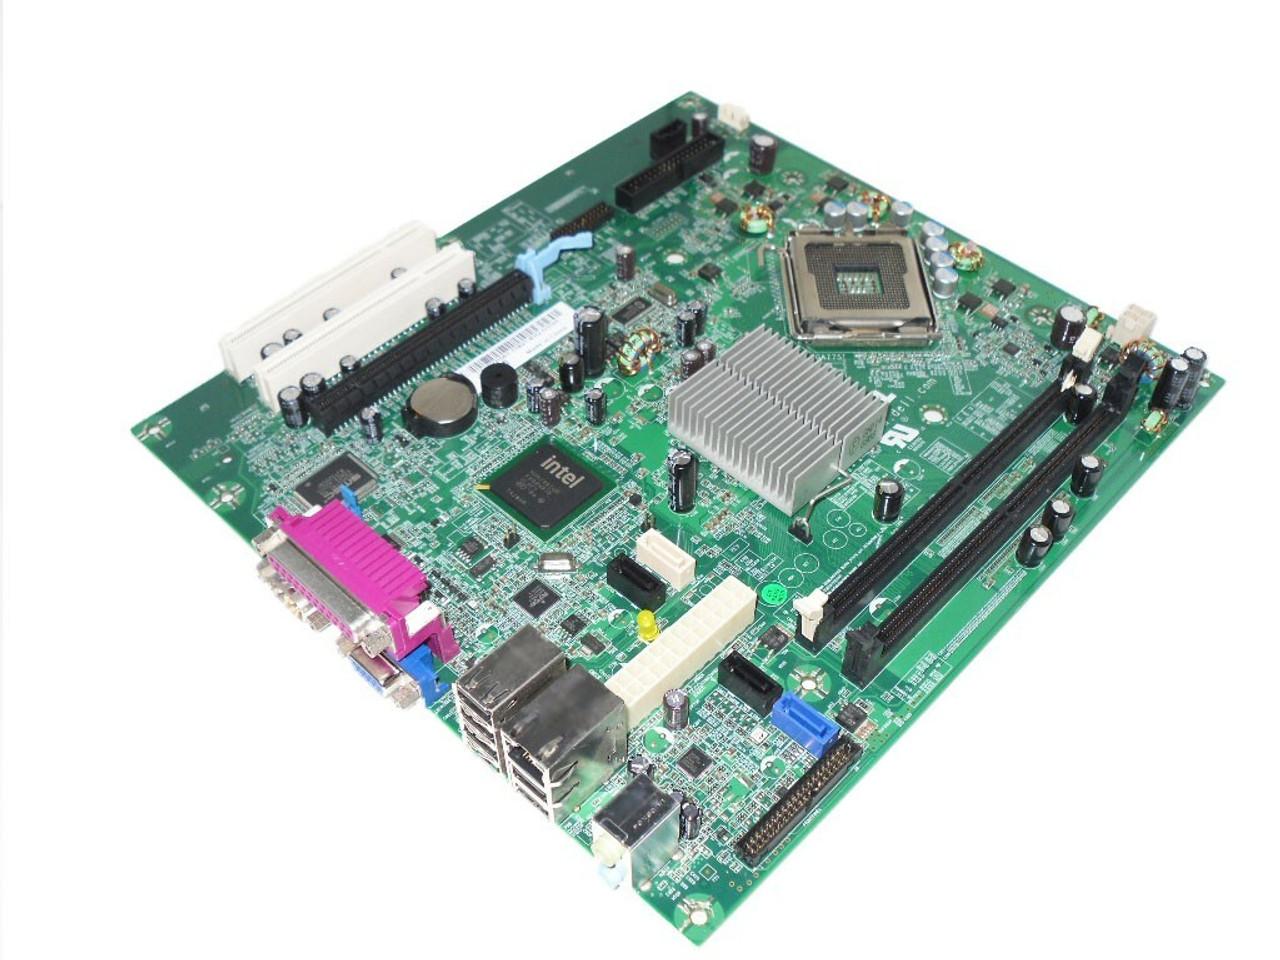 Dell OptiPlex 330 ADI Audio Drivers for Windows 7